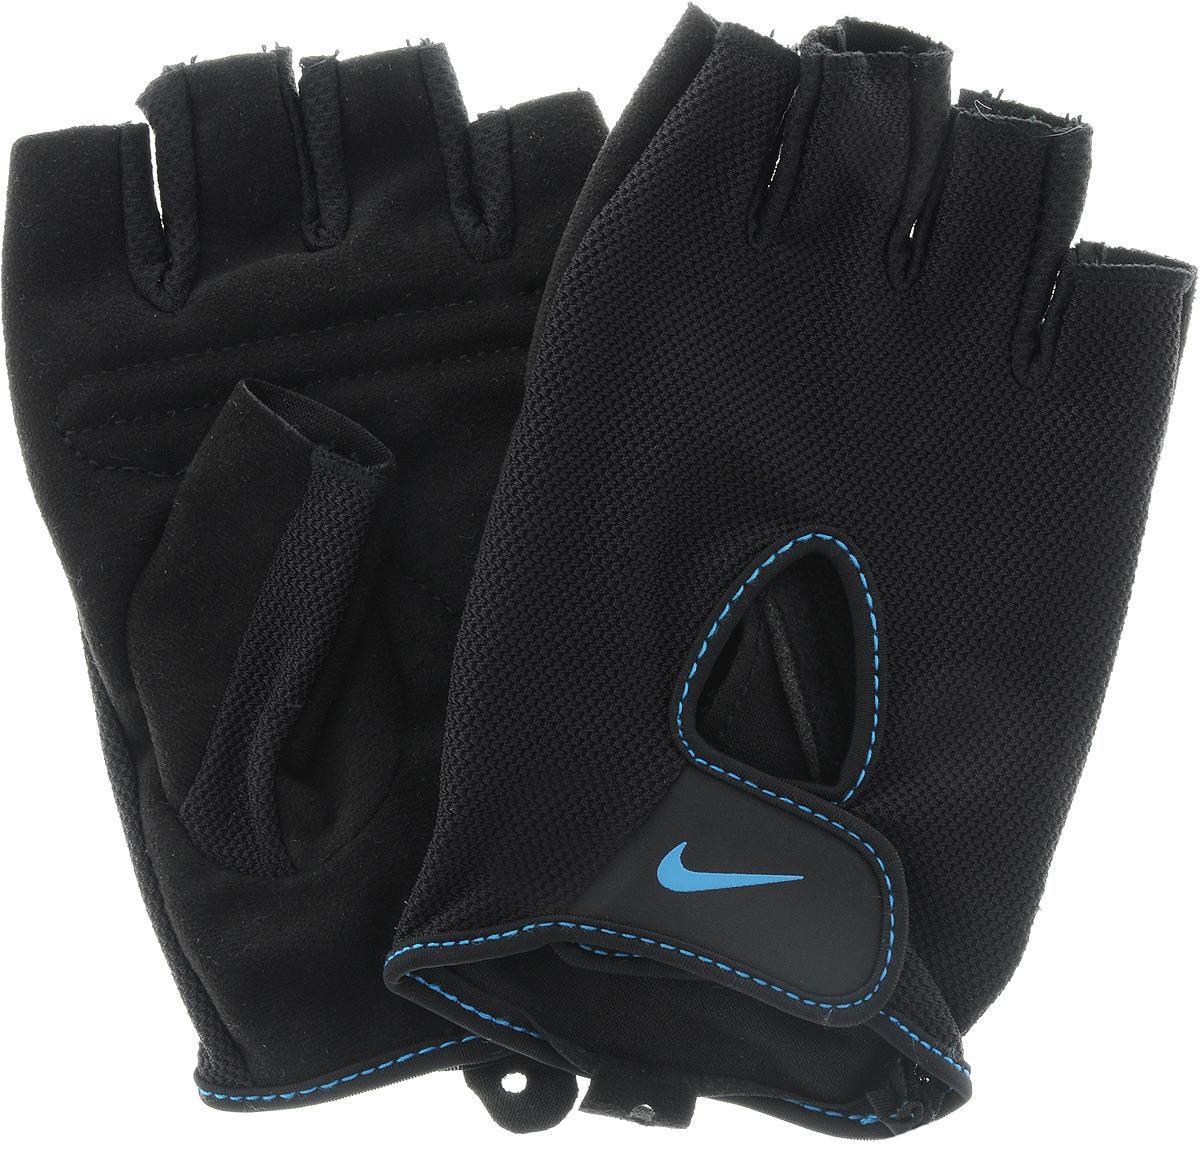 Перчатки для фитнеса женские Nike Wmns Fundamental Training Gloves II, цвет: черный, синий. Размер LN.LG.17.085.LGУдобные перчатки Nike Wmns Fundamental Training Gloves II для фитнеса оформлены цветным логотипом бренда Nike. Трафаретная печать swoosh-лого на внешней стороне модели обеспечивает моментальную идентификацию бренда. Внутренняя часть перчаток выполнена из мягкой искусственной замши, что обеспечивает комфорт и долговечность в использовании данного аксессуара. Регулируемая застежка на запястье обеспечивает надежную посадку.